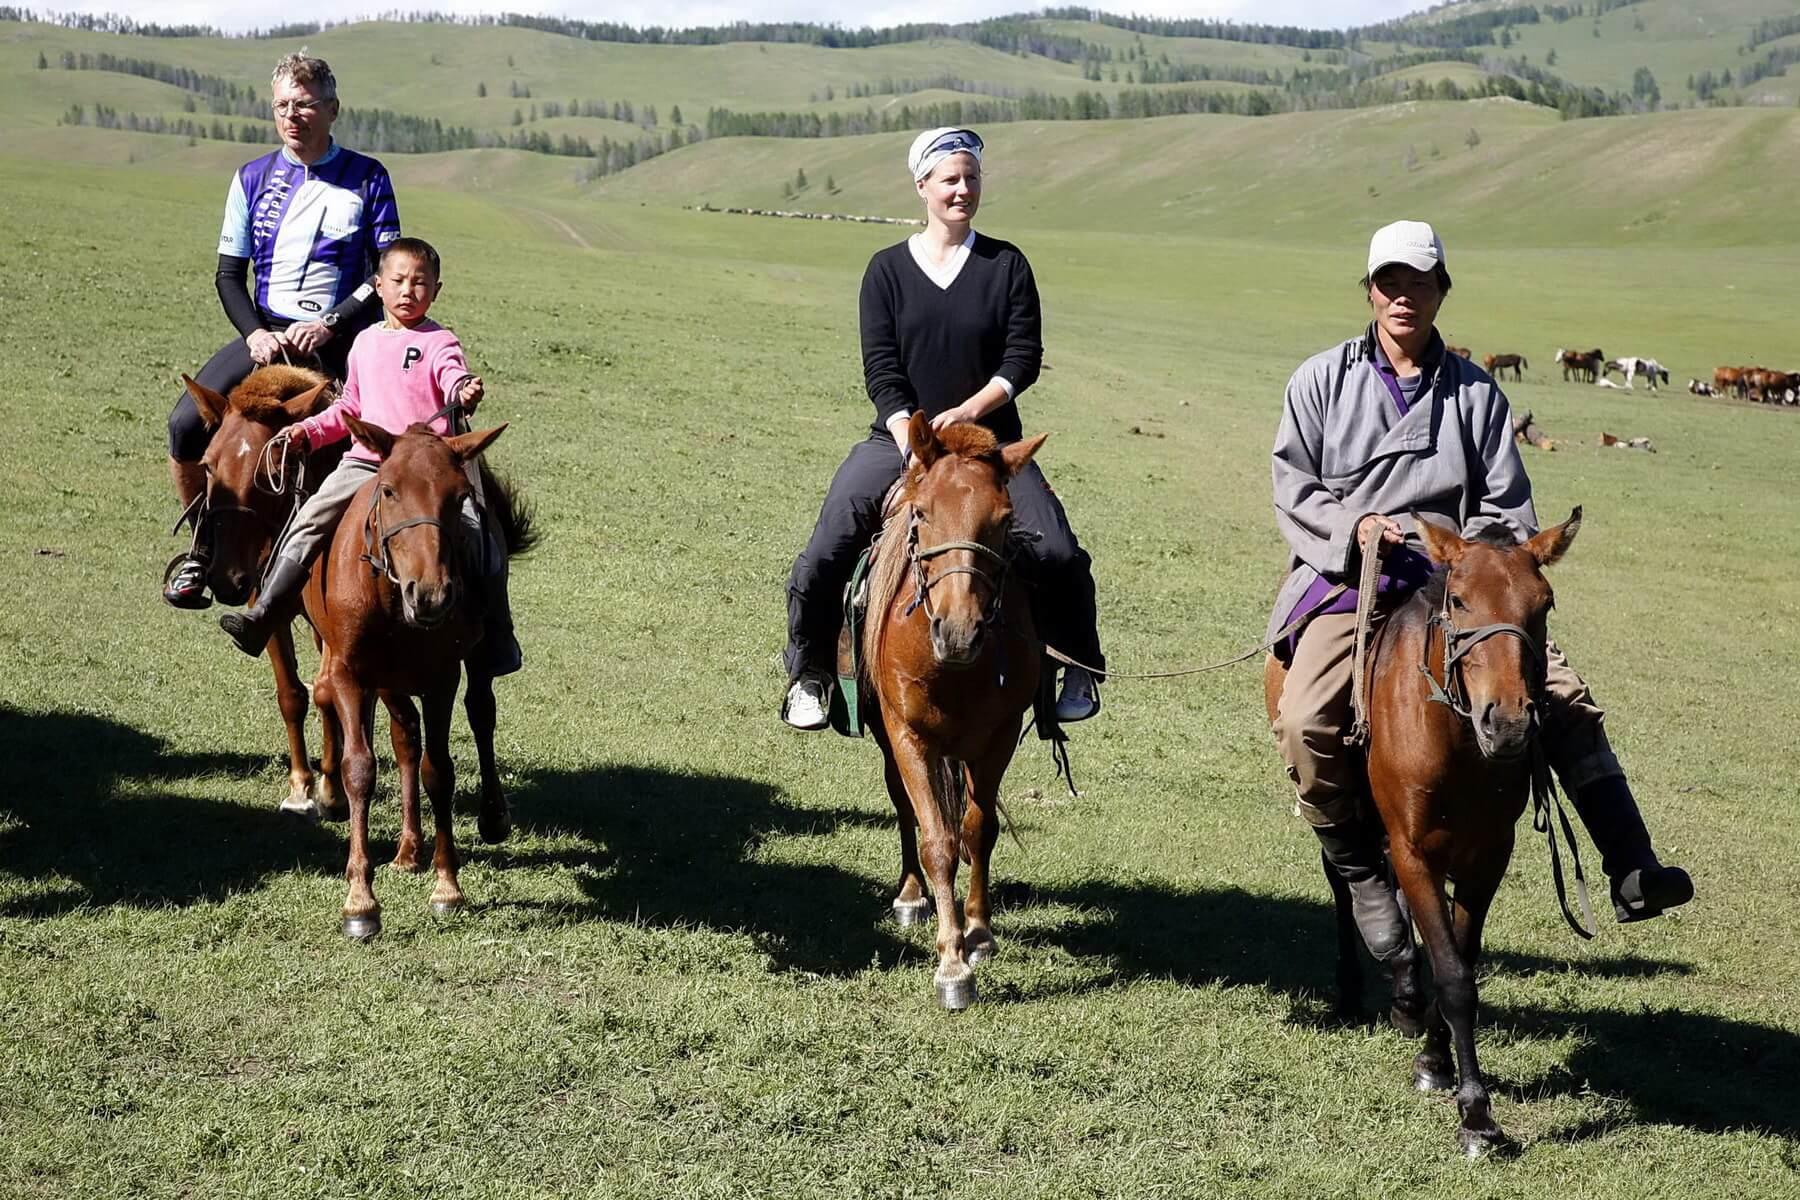 Reiten gehört zur Mongolei einfach dazu und sollte Teil jeder Mongolei Reise sein. Bei einem Ritt durch die weite, unberührte Landschaft stellt sich ein absolutes Gefühl der Freiheit ein.